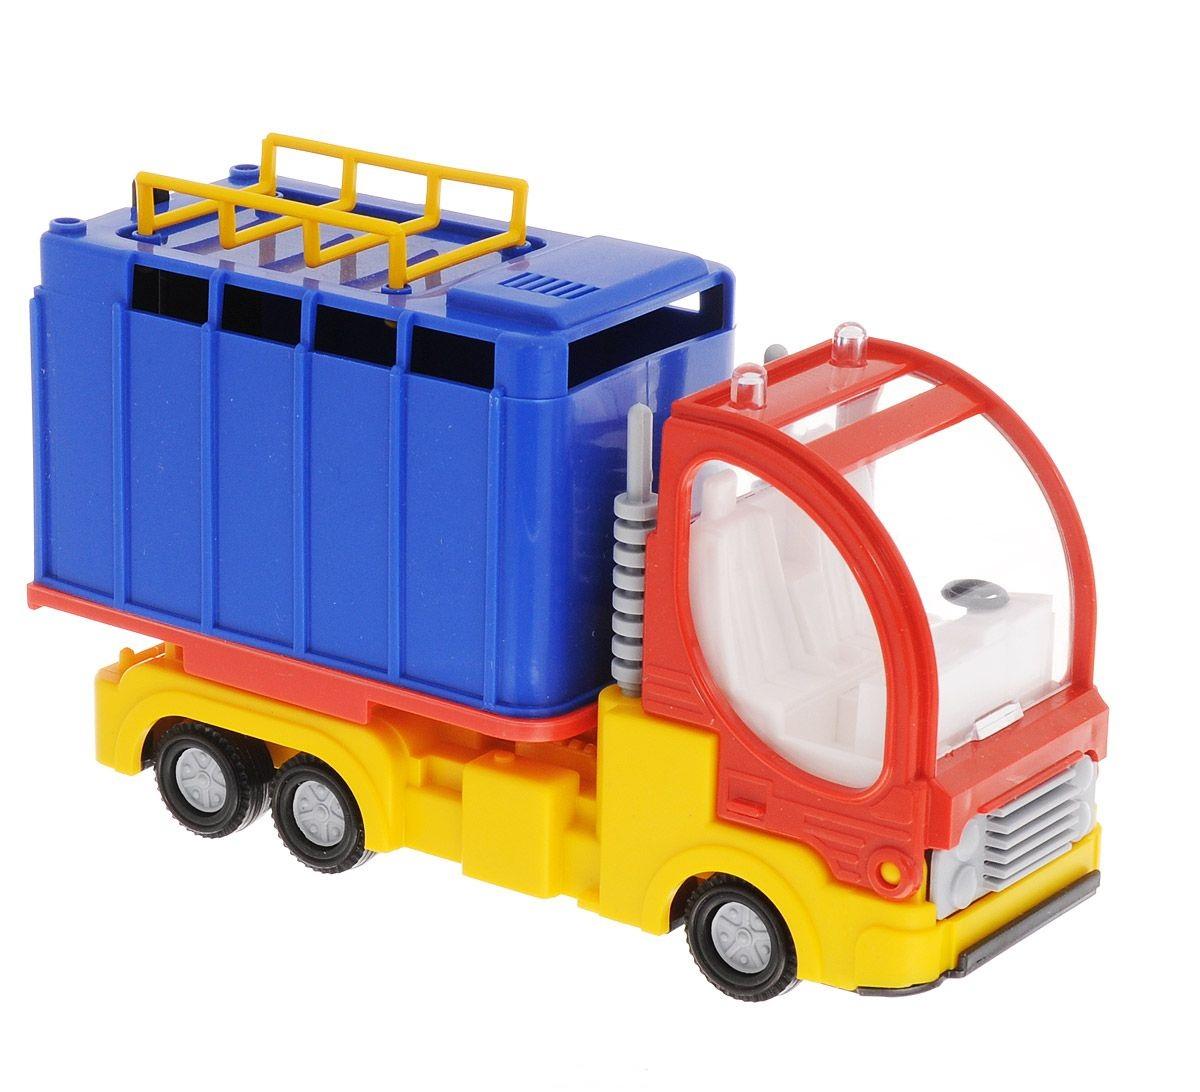 Фургон малый – Дальнобойщик, 18,5 смГрузовики/самосвалы<br>Фургон малый – Дальнобойщик, 18,5 см<br>